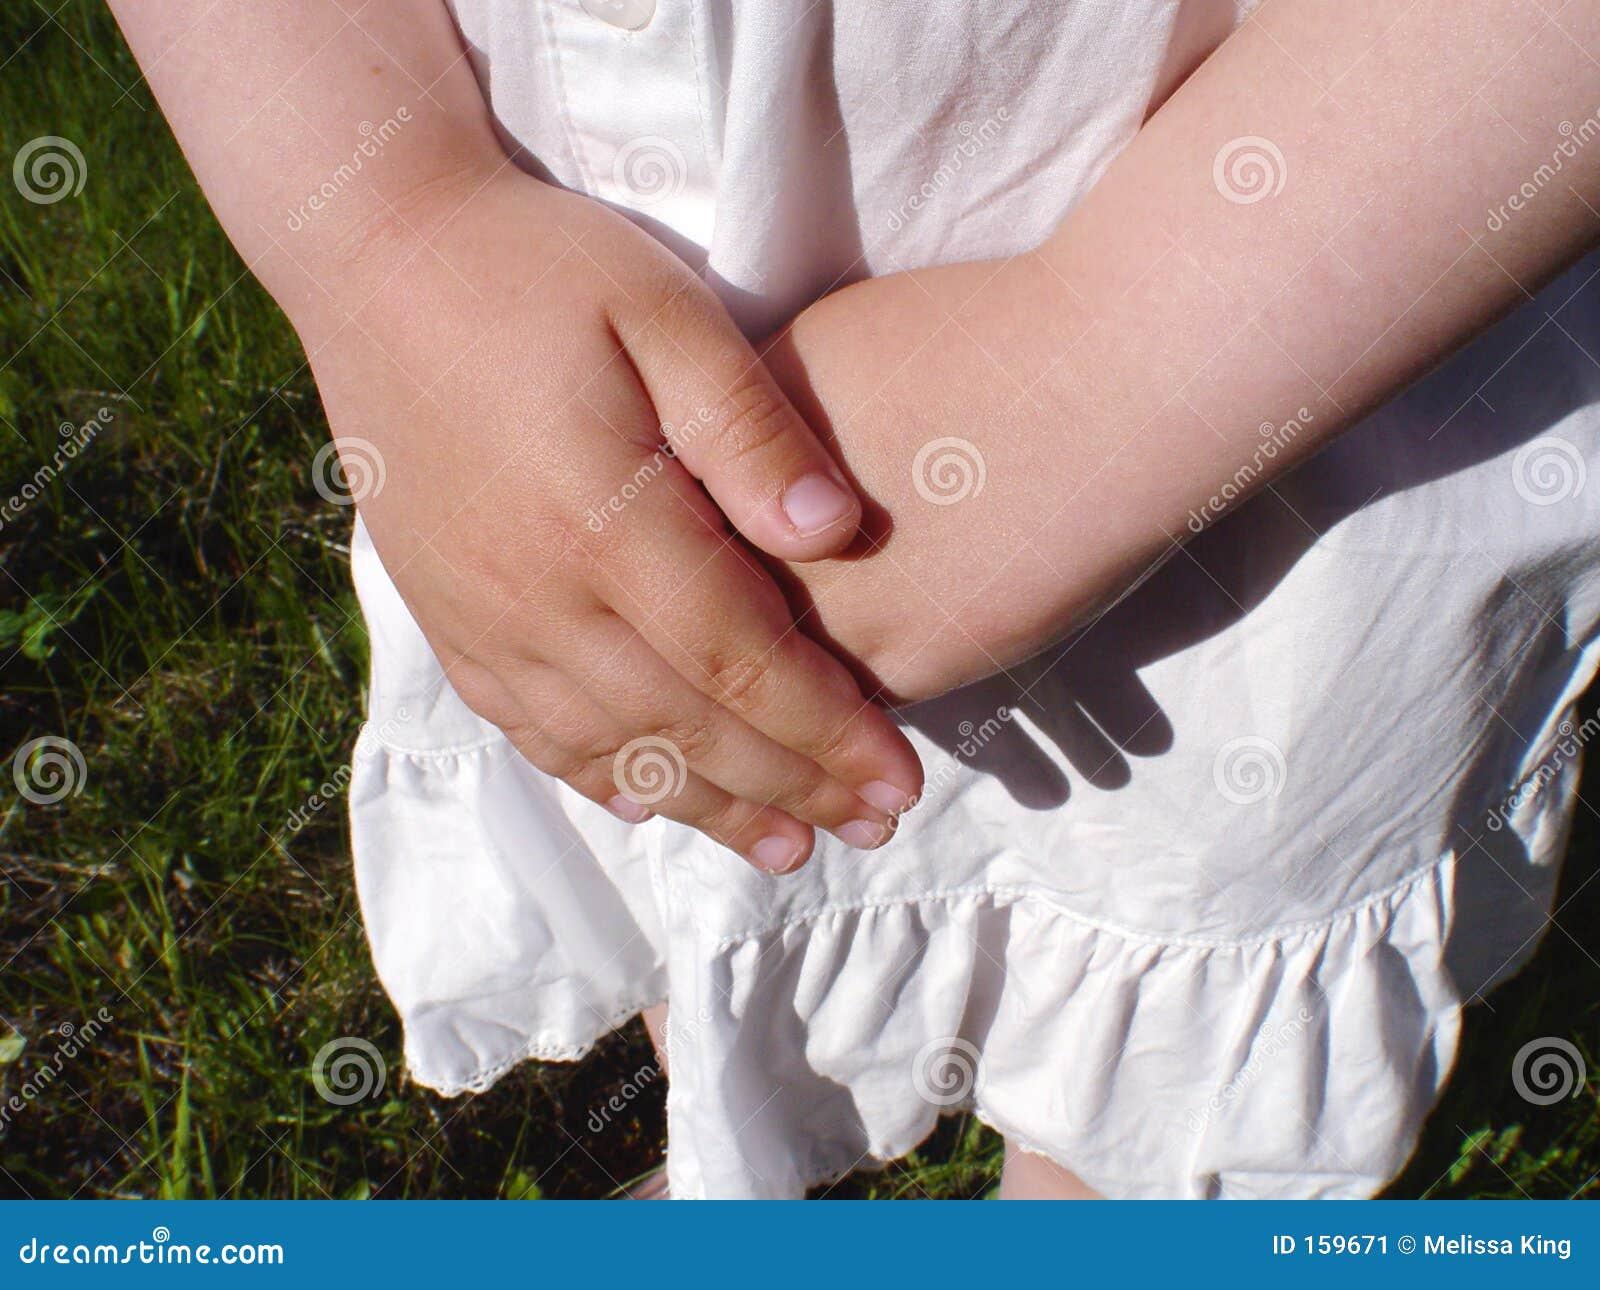 Closeup of Little Girls Hands